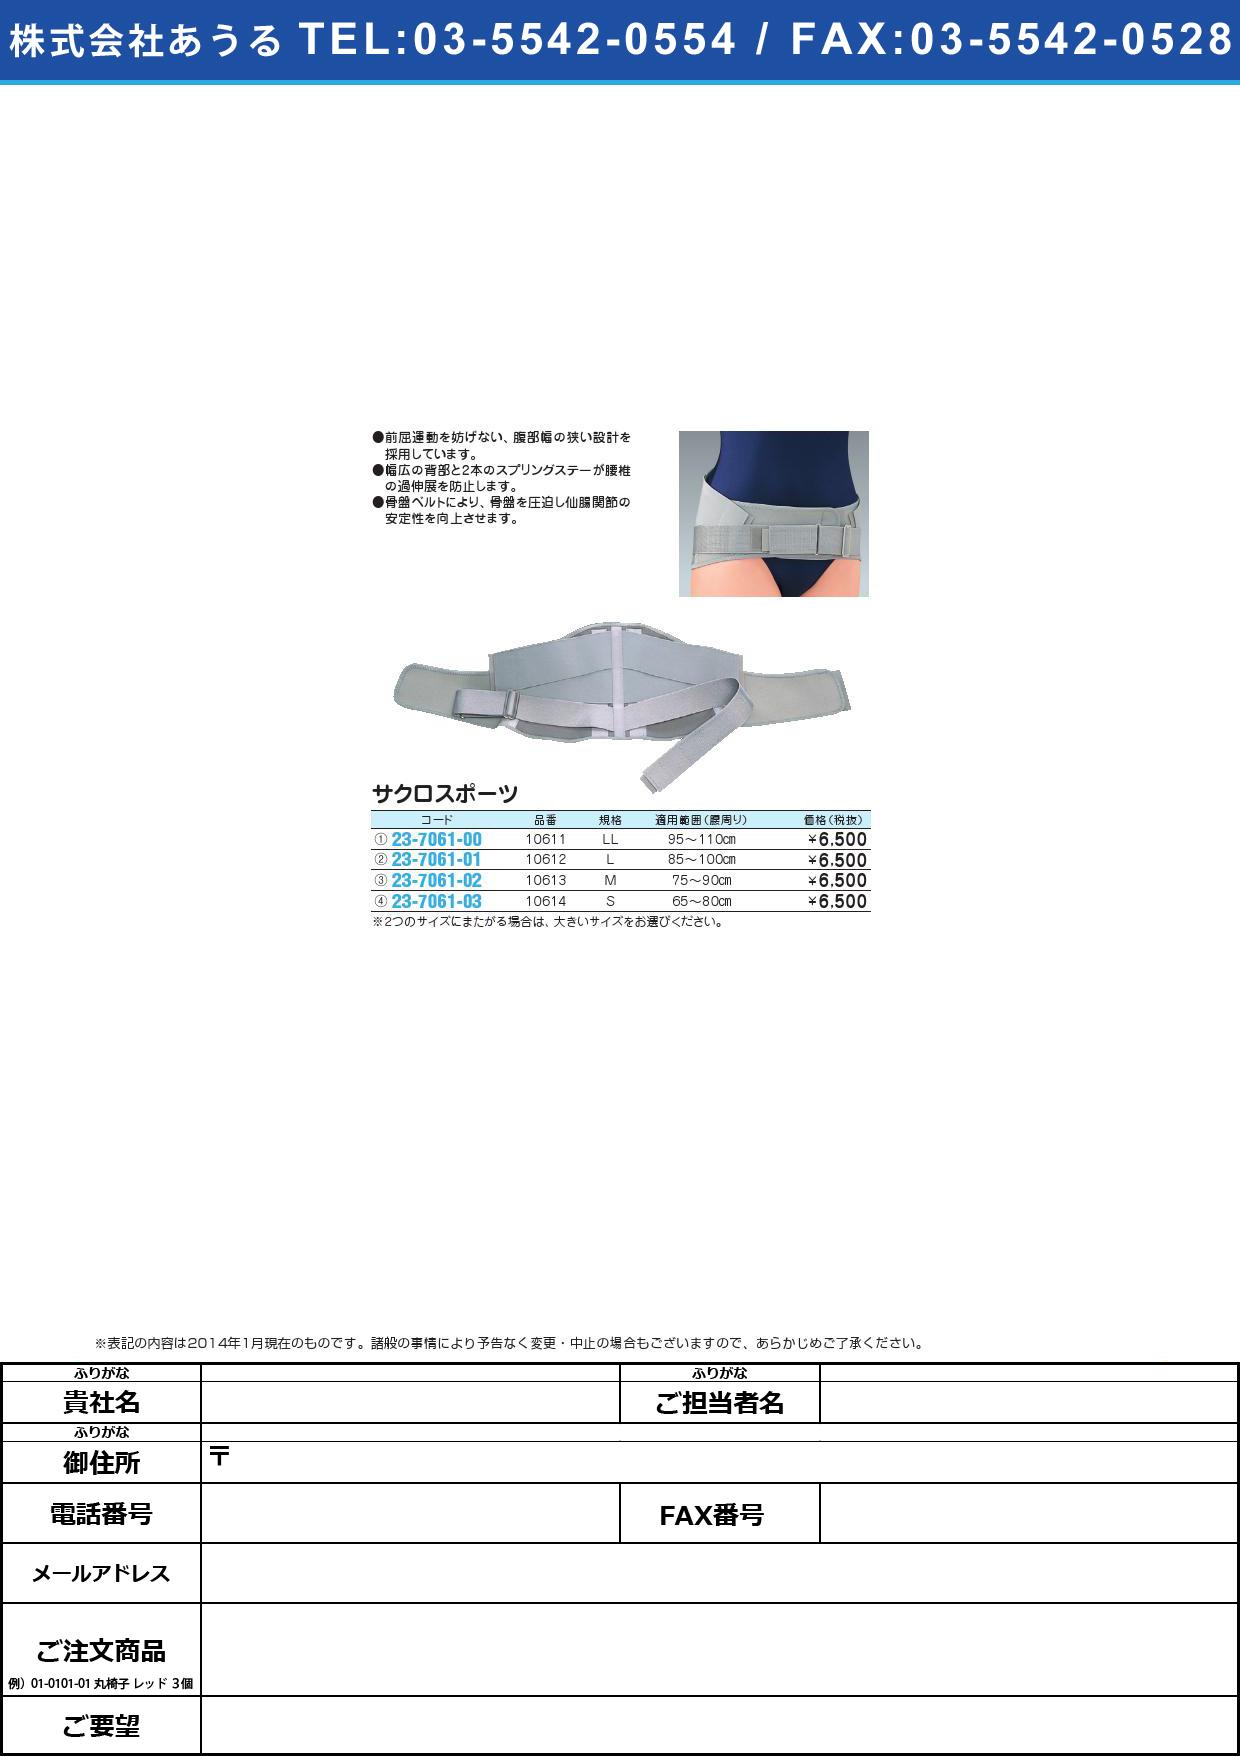 サクロスポーツ(L) サクロスポーツ(L) 10612(1コイリ)【1箱単位】(23-7061-01)